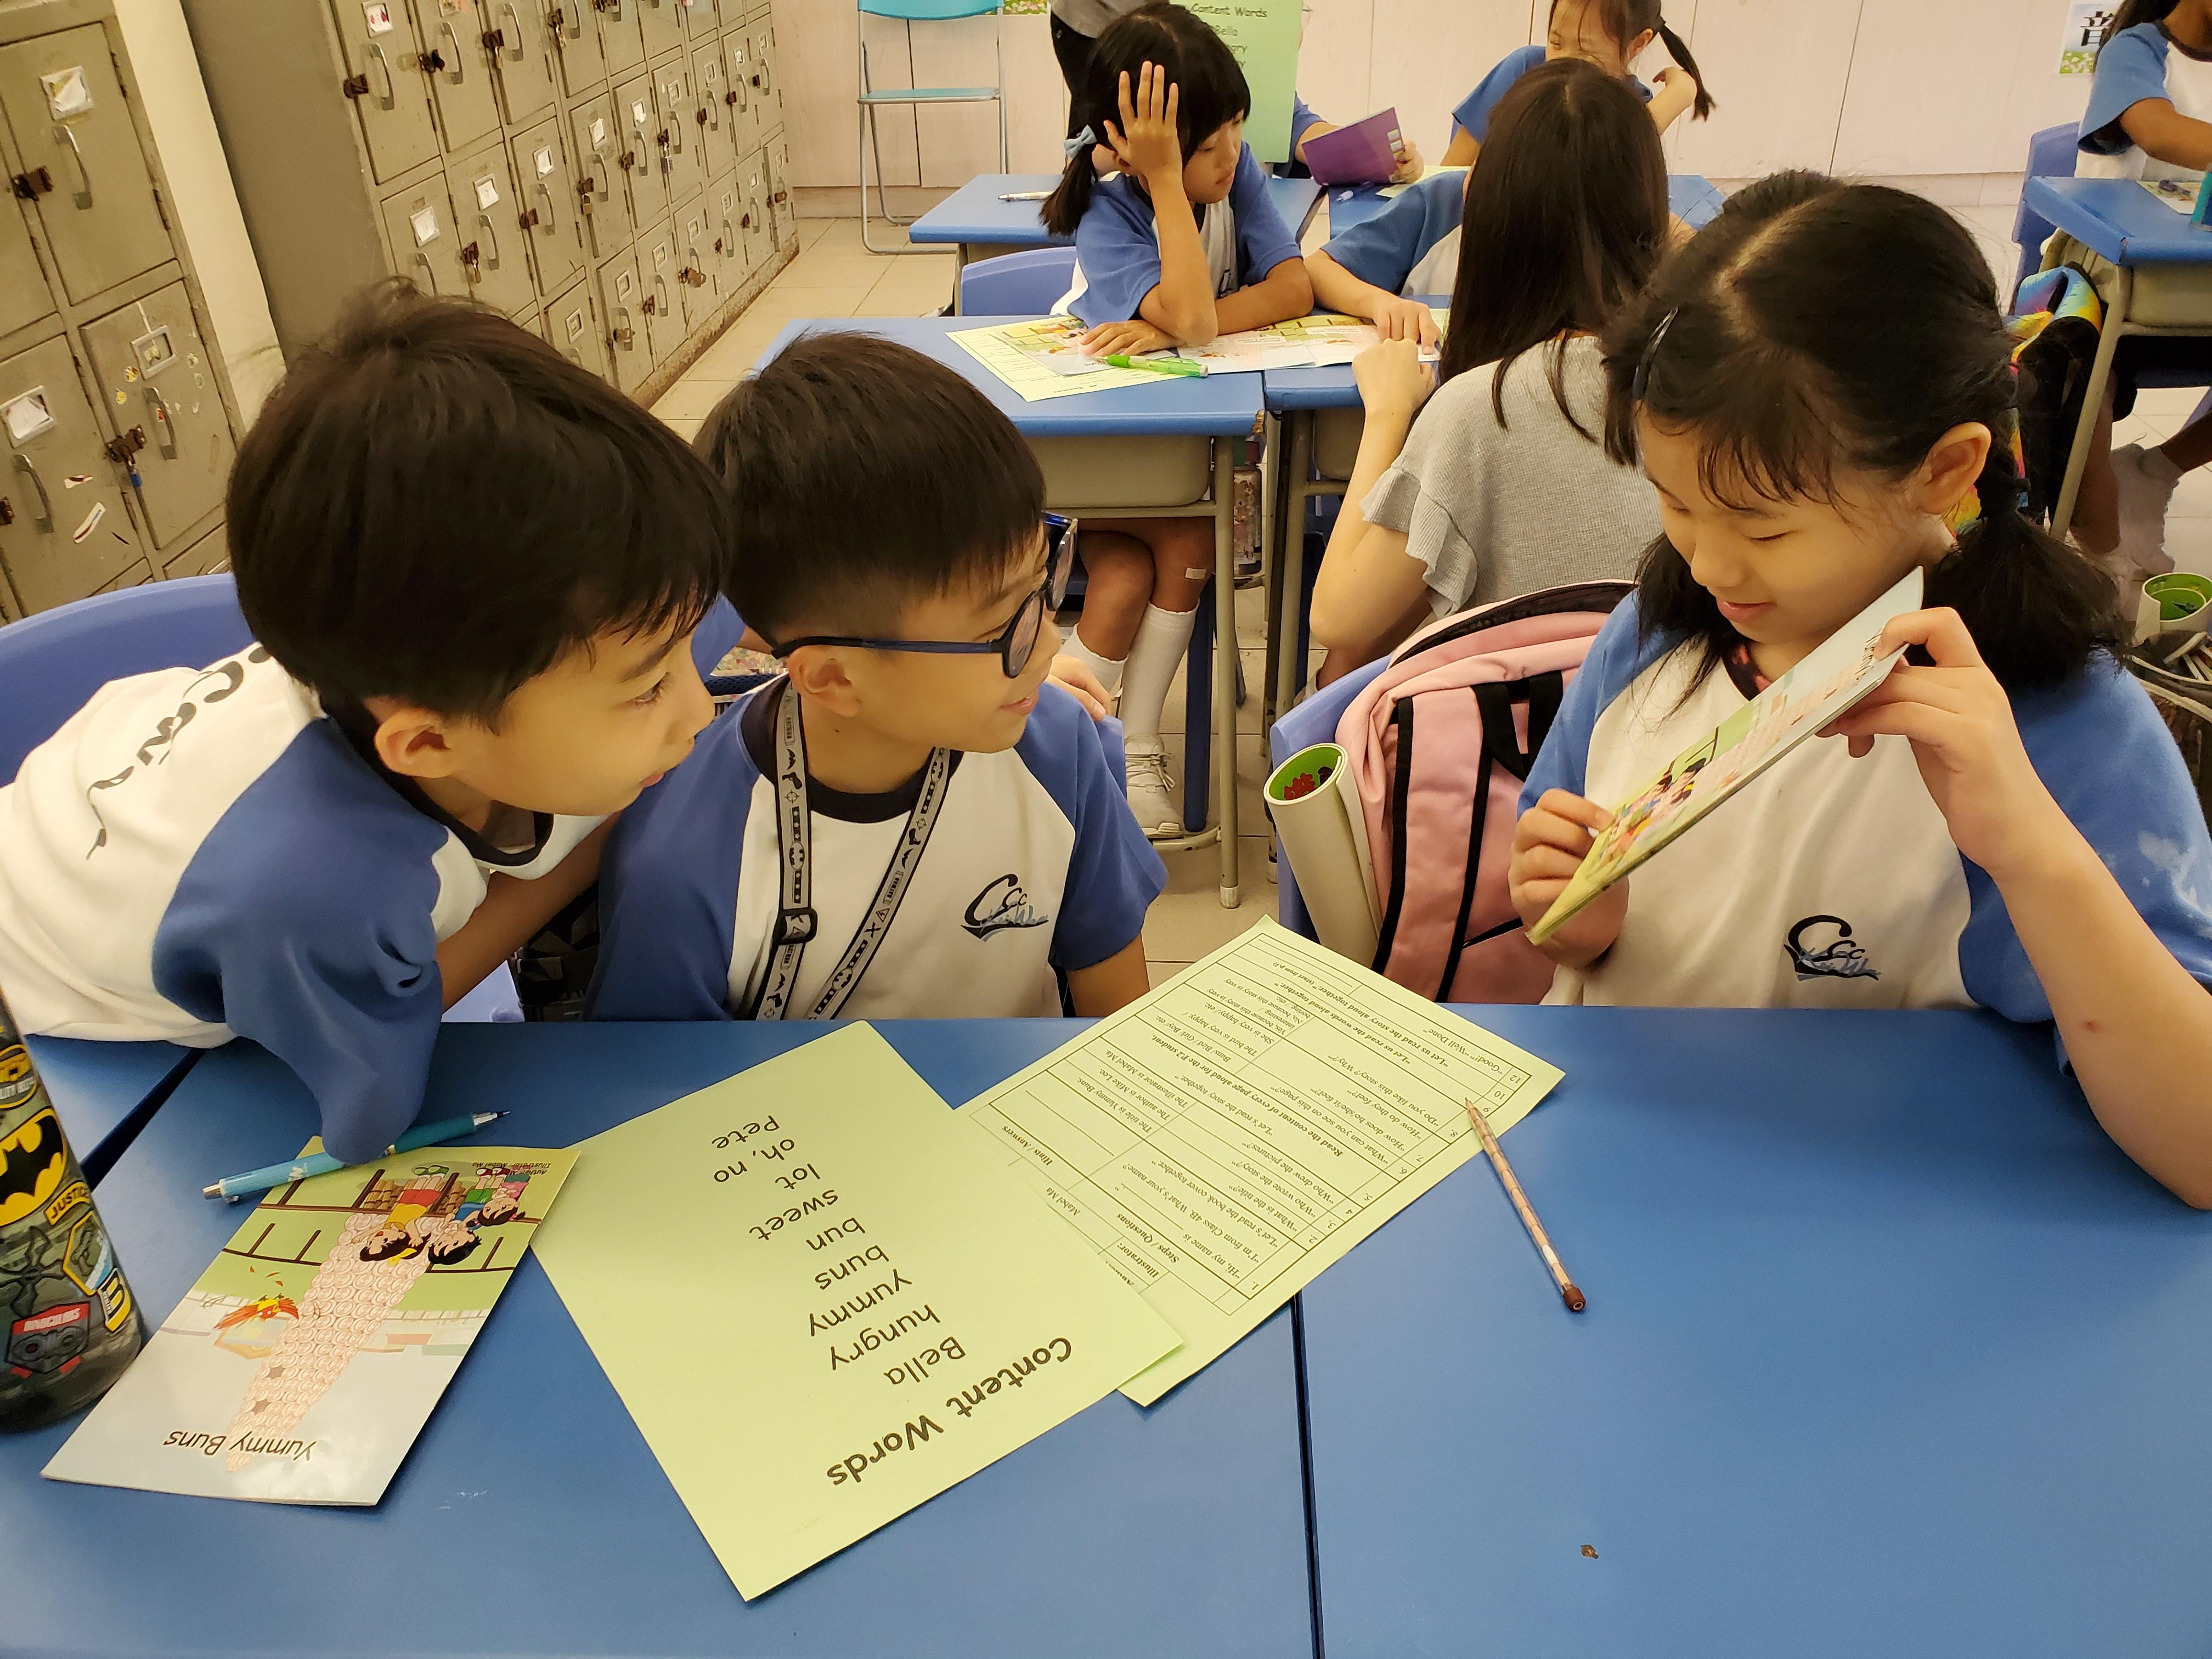 http://www.keiwan.edu.hk/sites/default/files/22_1.jpg